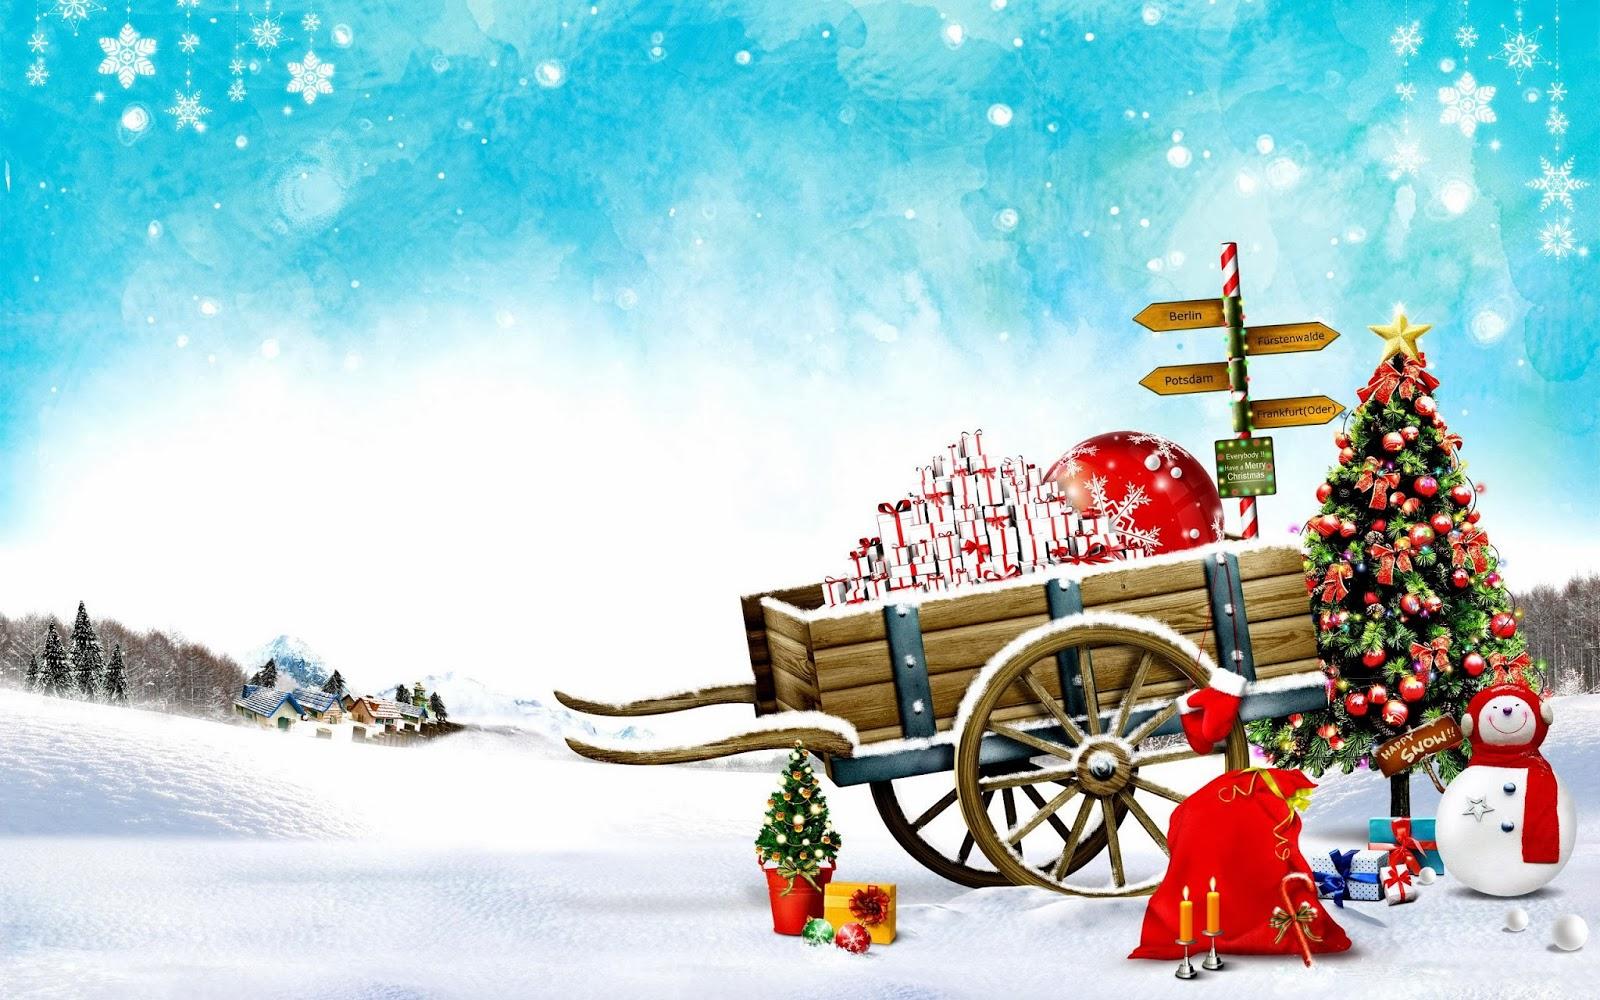 Imagenes De Tarjetas De Navidad Para Escribir Navidad Mágica 2019